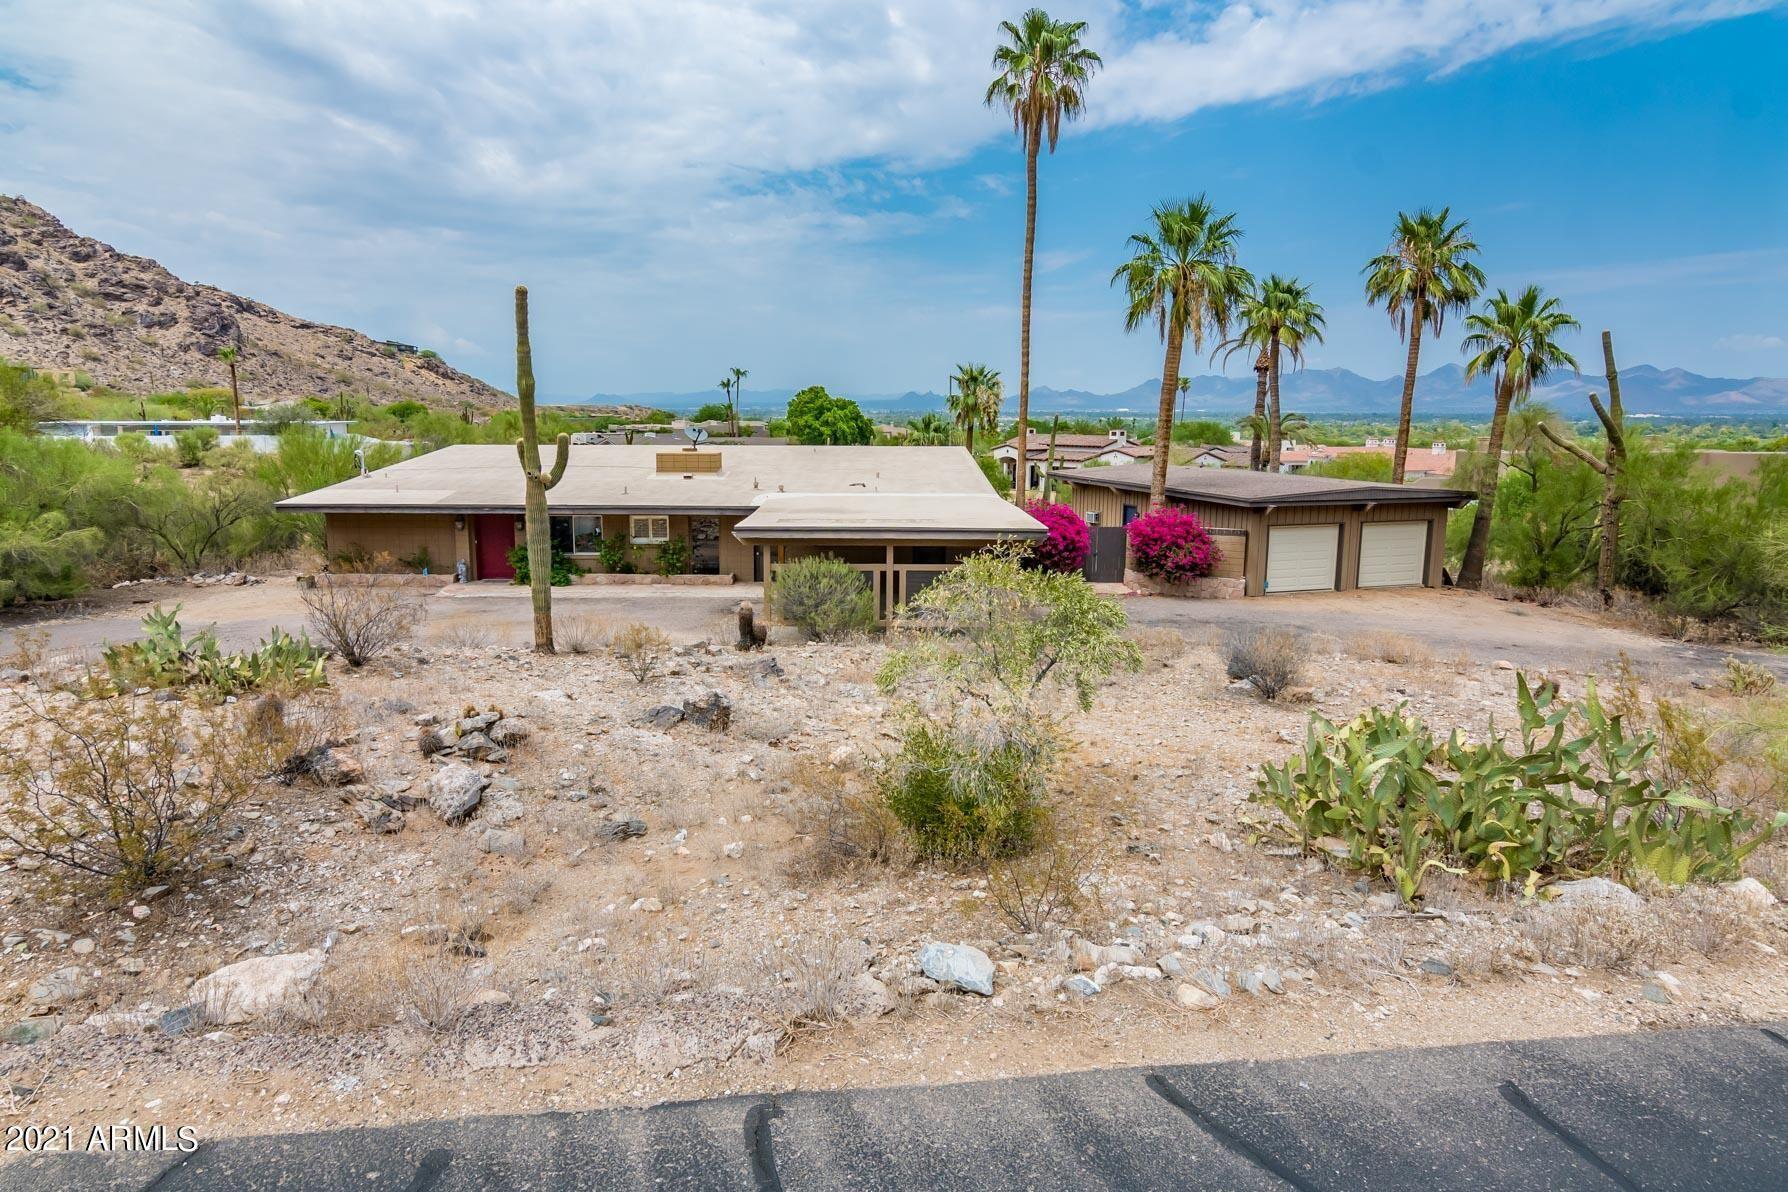 Photo of 6030 E QUARTZ MOUNTAIN Road, Paradise Valley, AZ 85253 (MLS # 6304662)